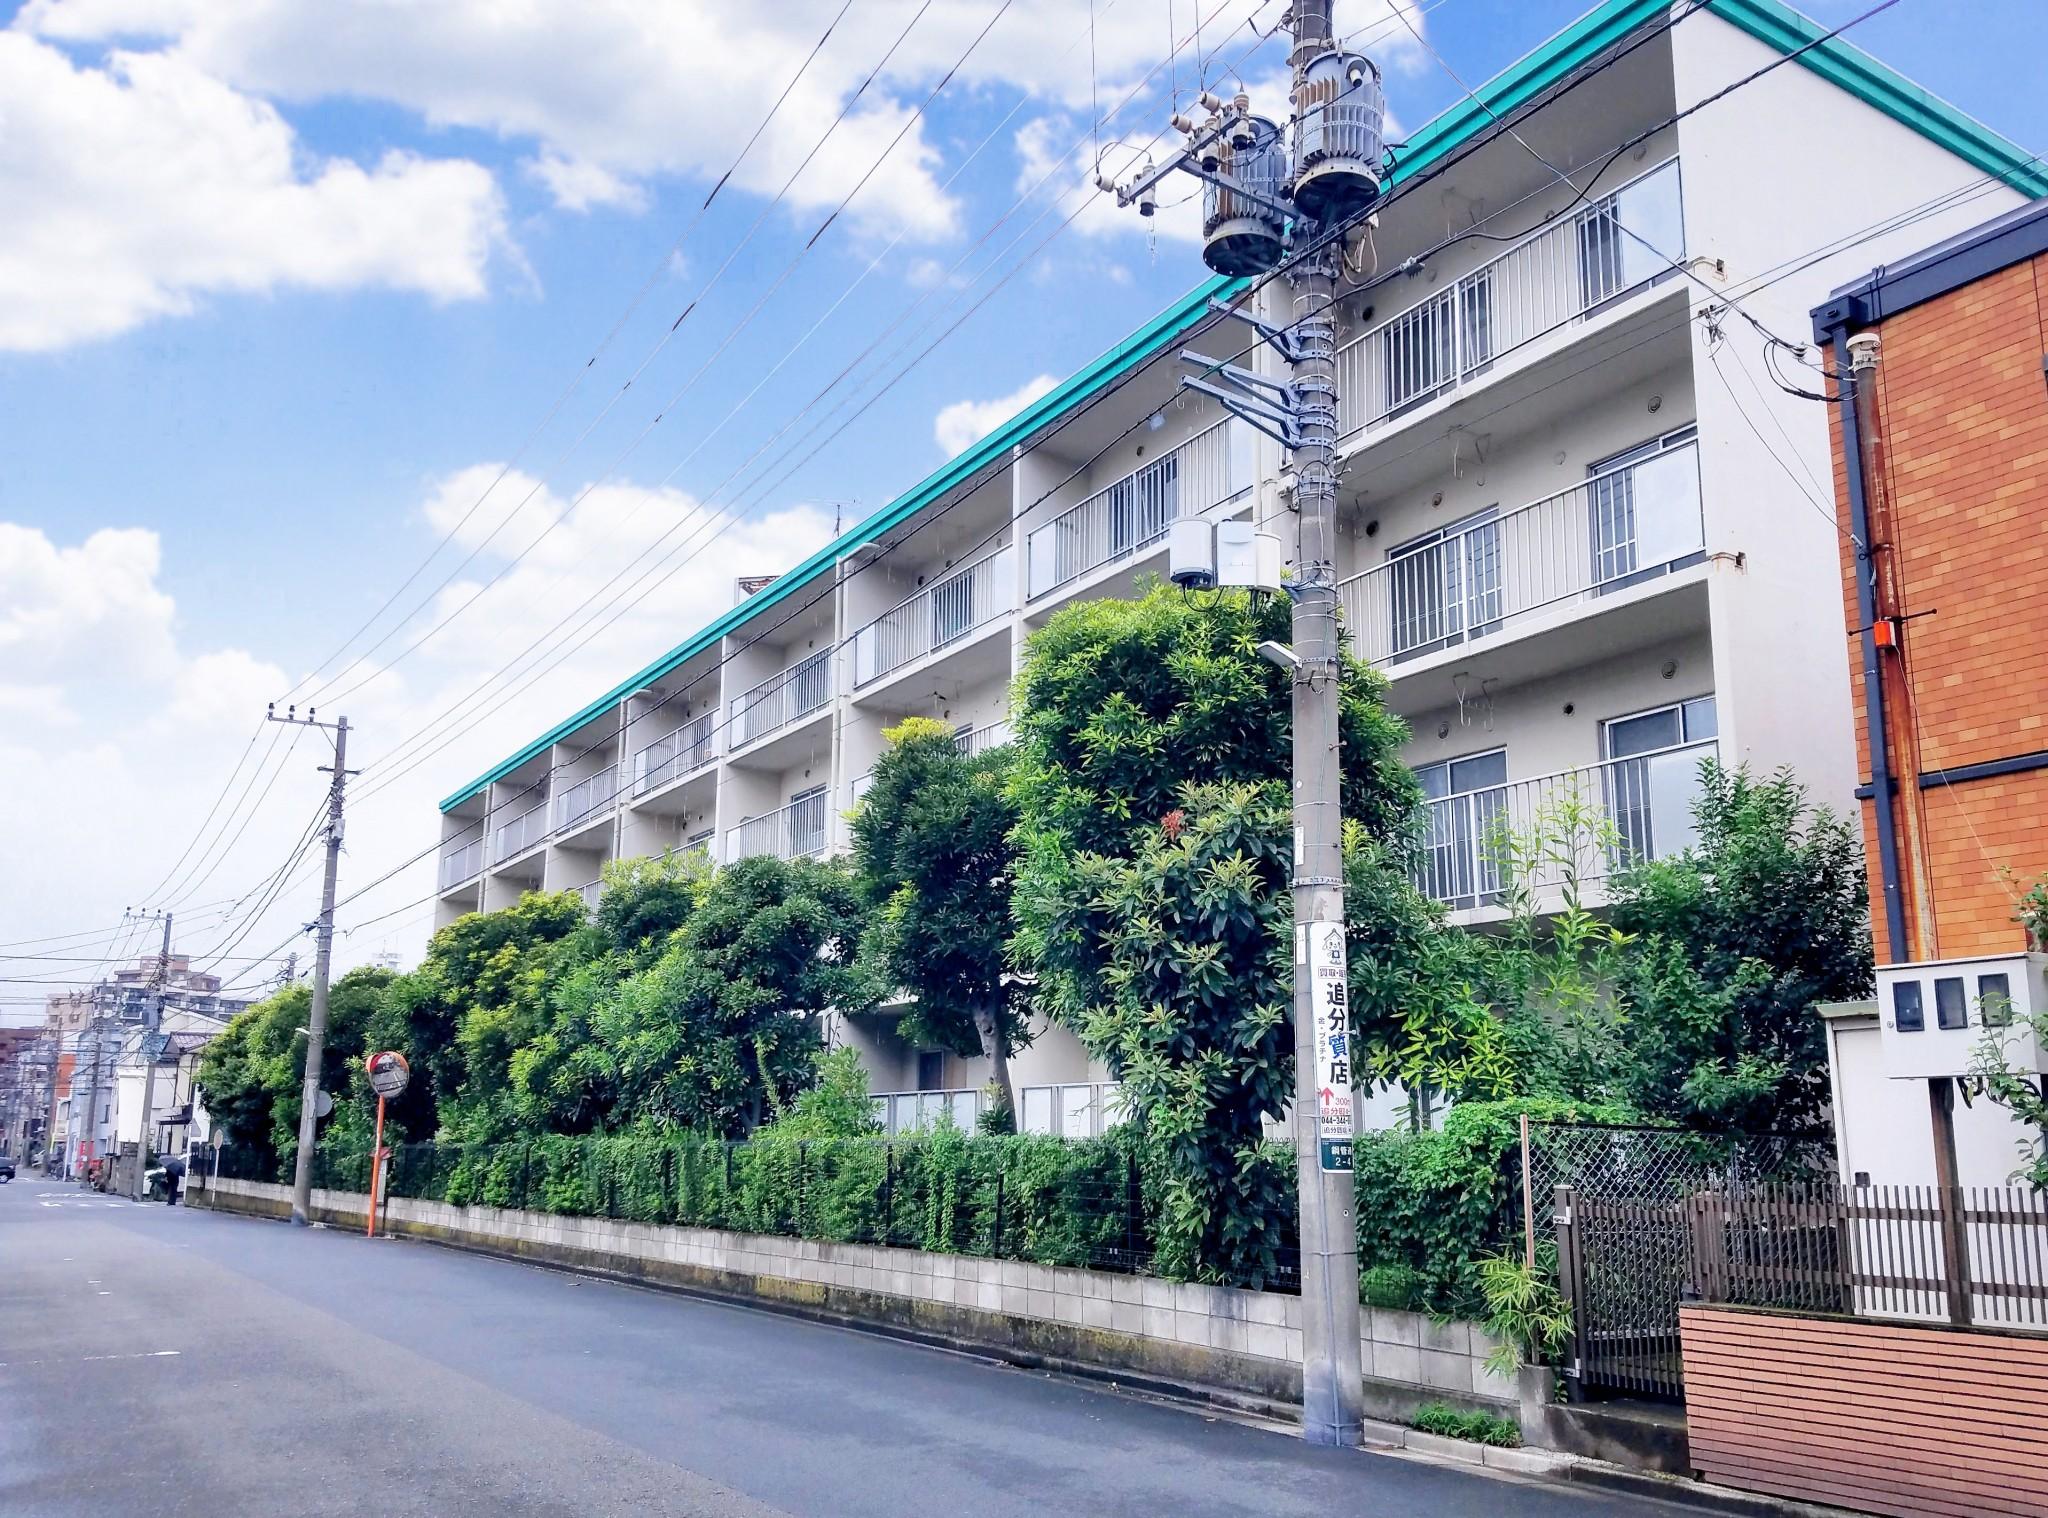 アクアグループ 物件販売実績写真 新築一棟収益ビル   サービス付き高齢者向け住宅